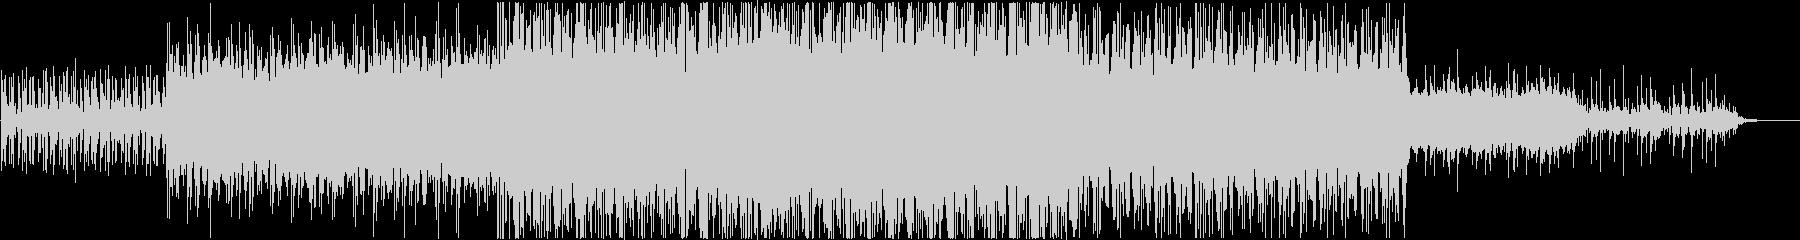 アフリカ風BGMですの未再生の波形